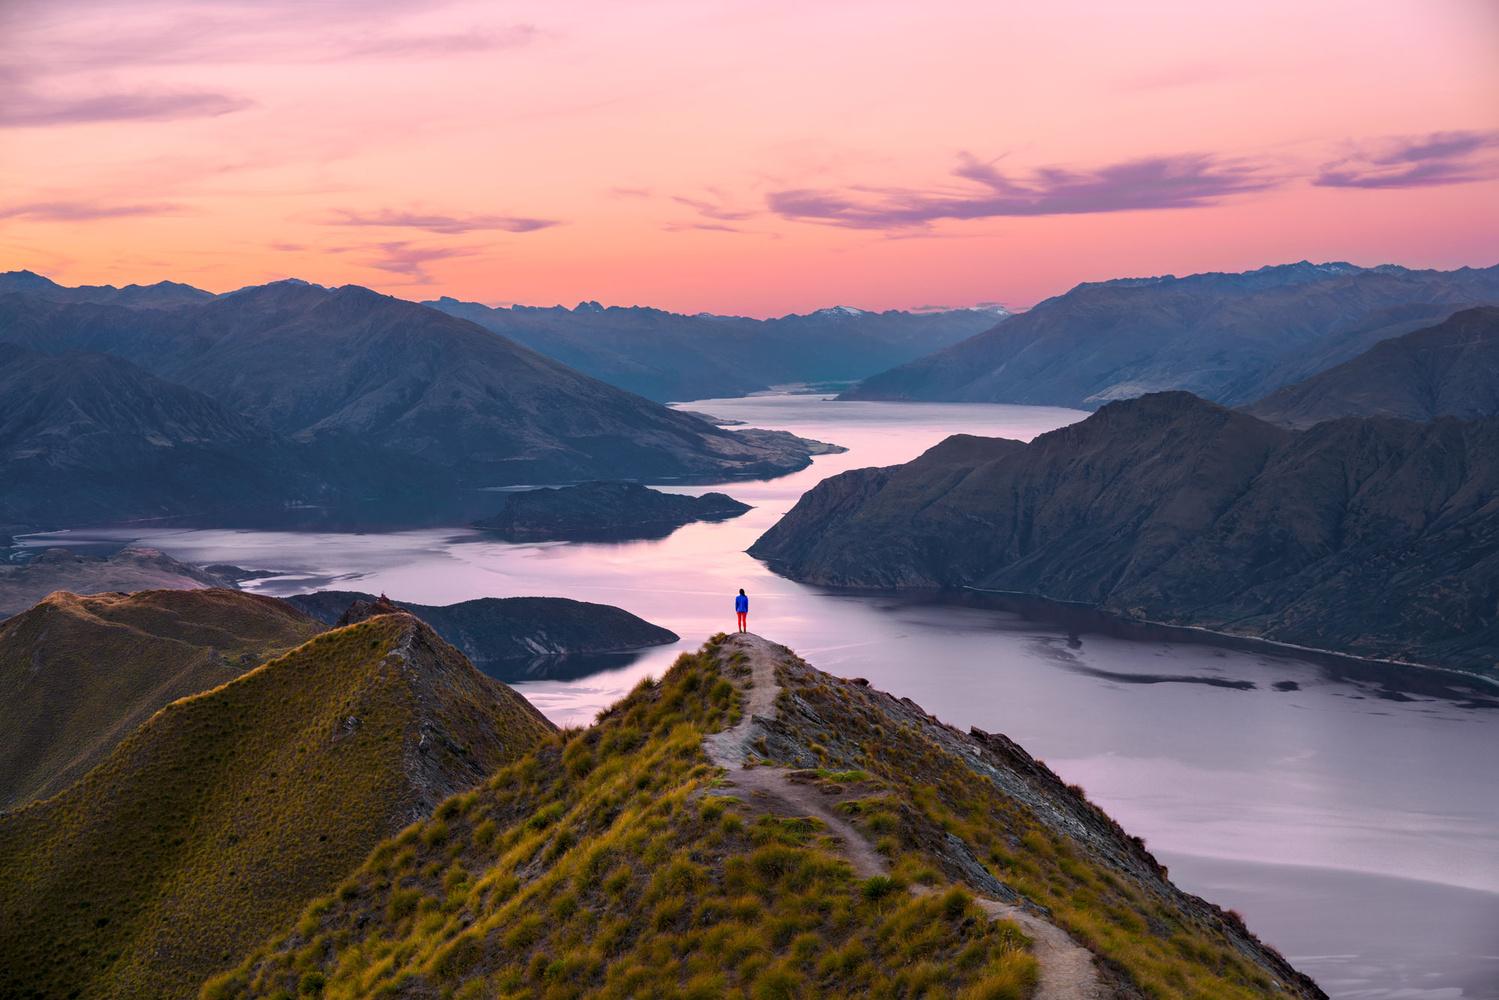 Roy's Peak Track by Autumn Schrock